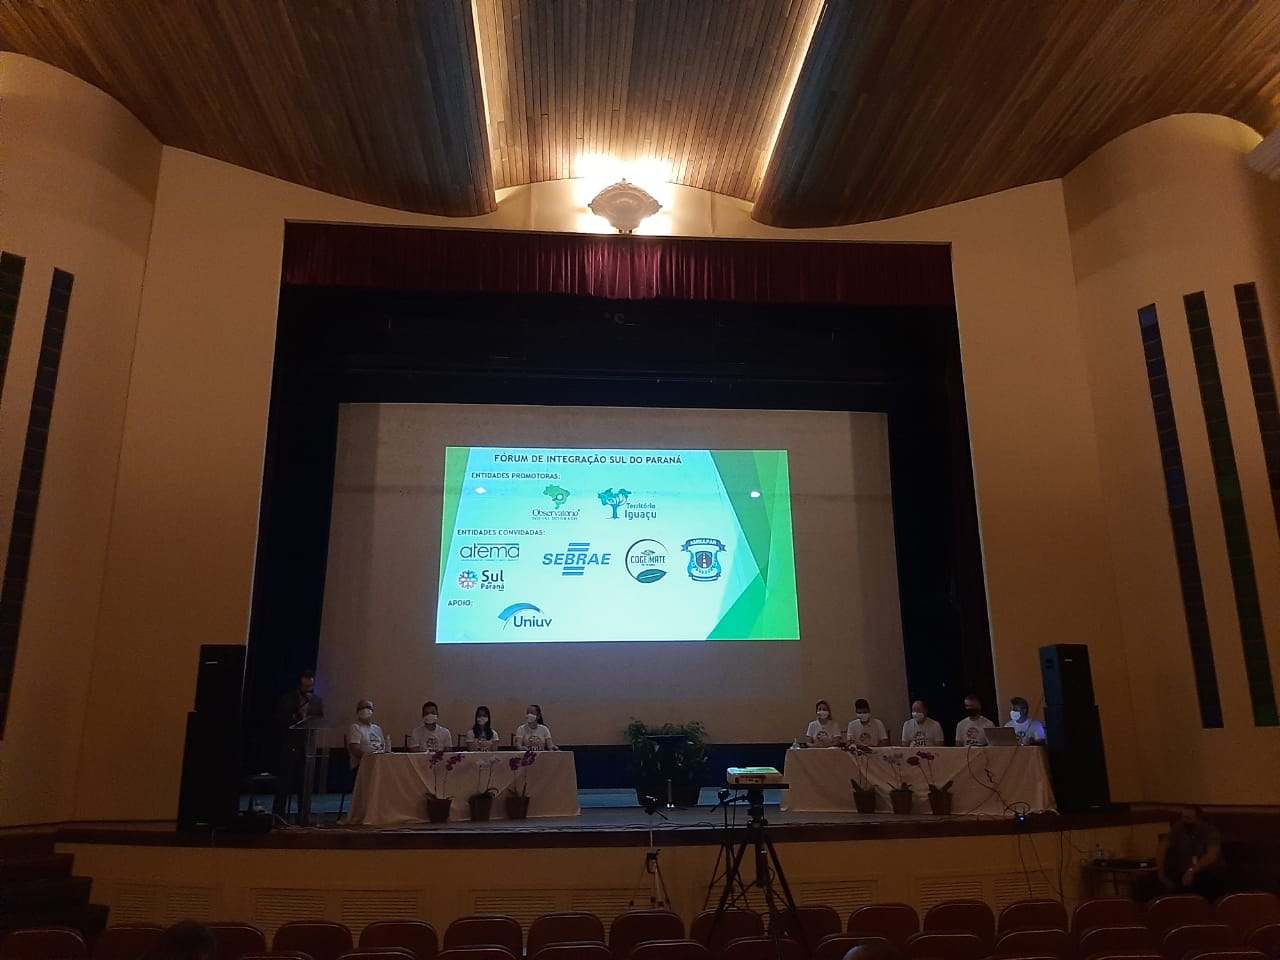 Fórum de Integracao Sul do Parana e realizado em Uniao da Vitoria (1)